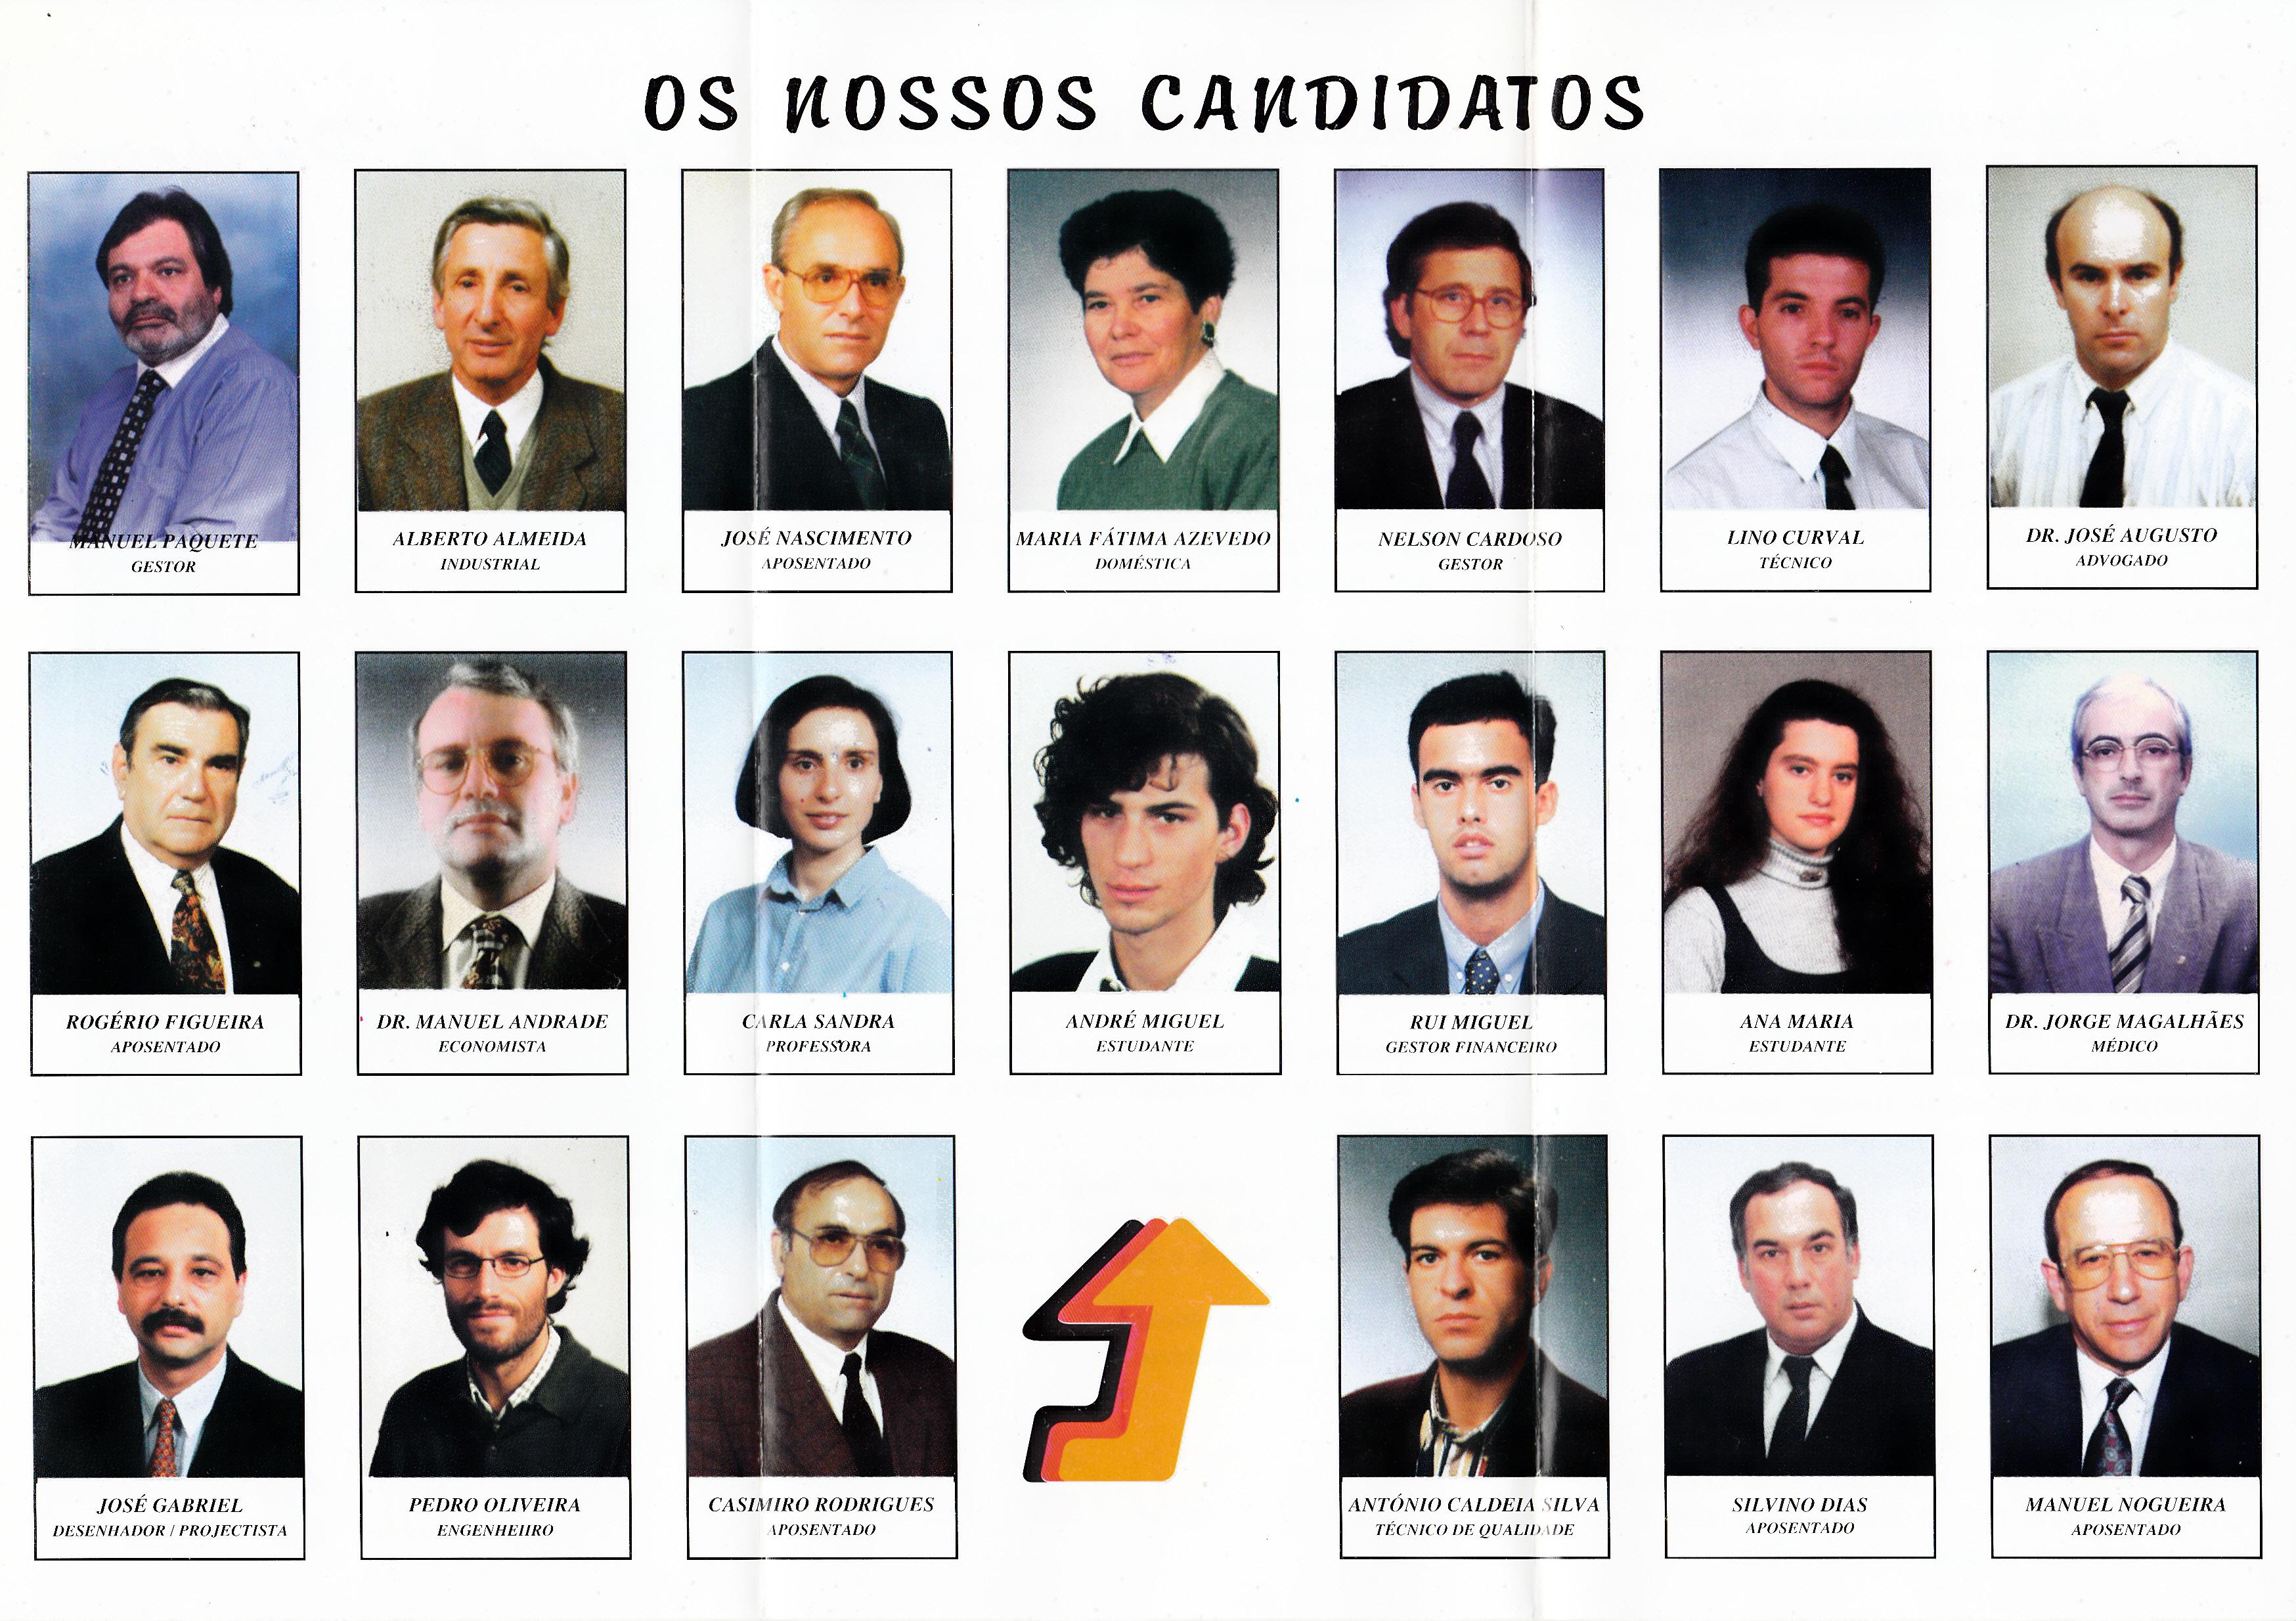 PSD_1993_Leca Palmeira_0002